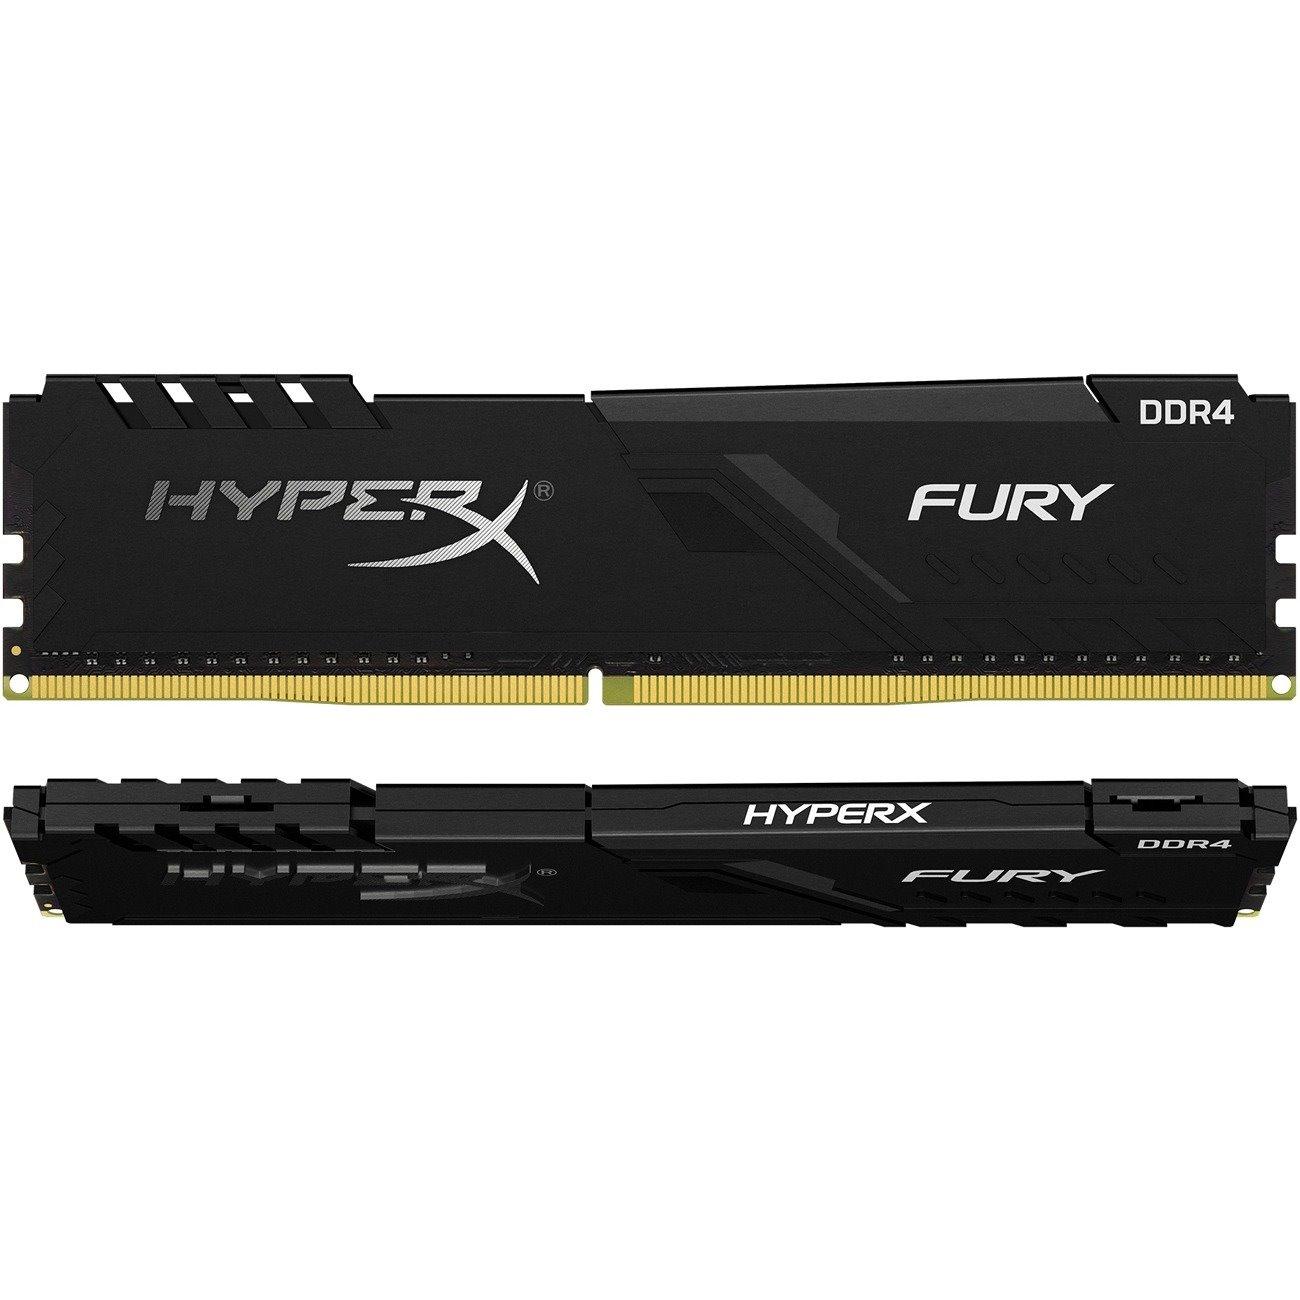 HyperX HyperX Fury RAM Module for Desktop PC - 32 GB (2 x 16 GB) - DDR4-3600/PC4-28800 DDR4 SDRAM - CL17 - 1.35 V